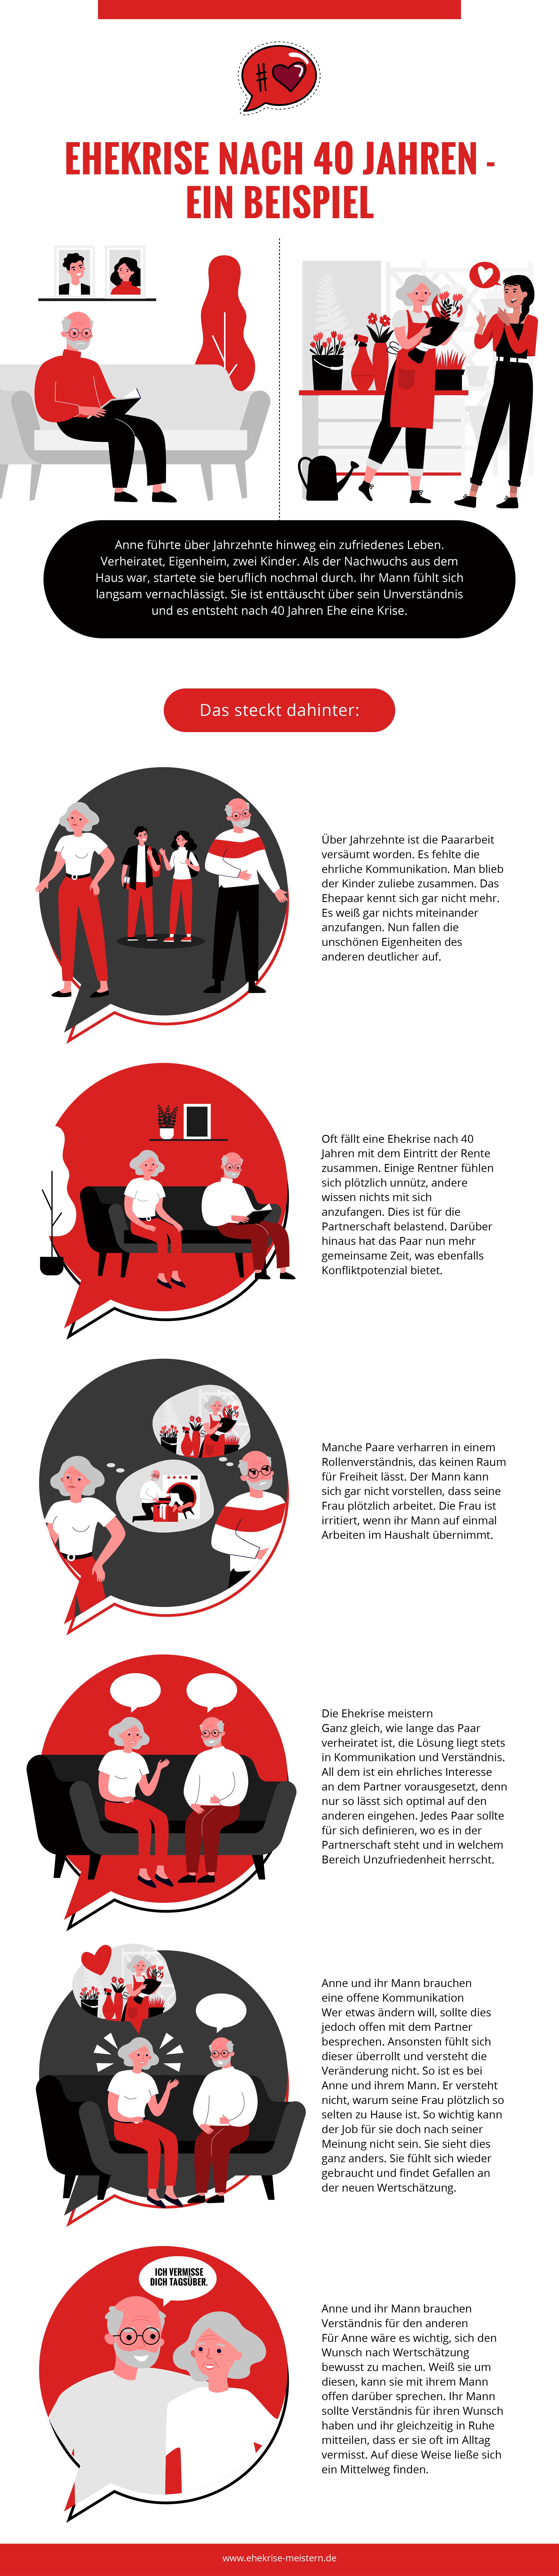 Infografik Ehekrise Nach 40 Jahren Ehe: Plötzlich Erscheint Alles Im Anderen Licht